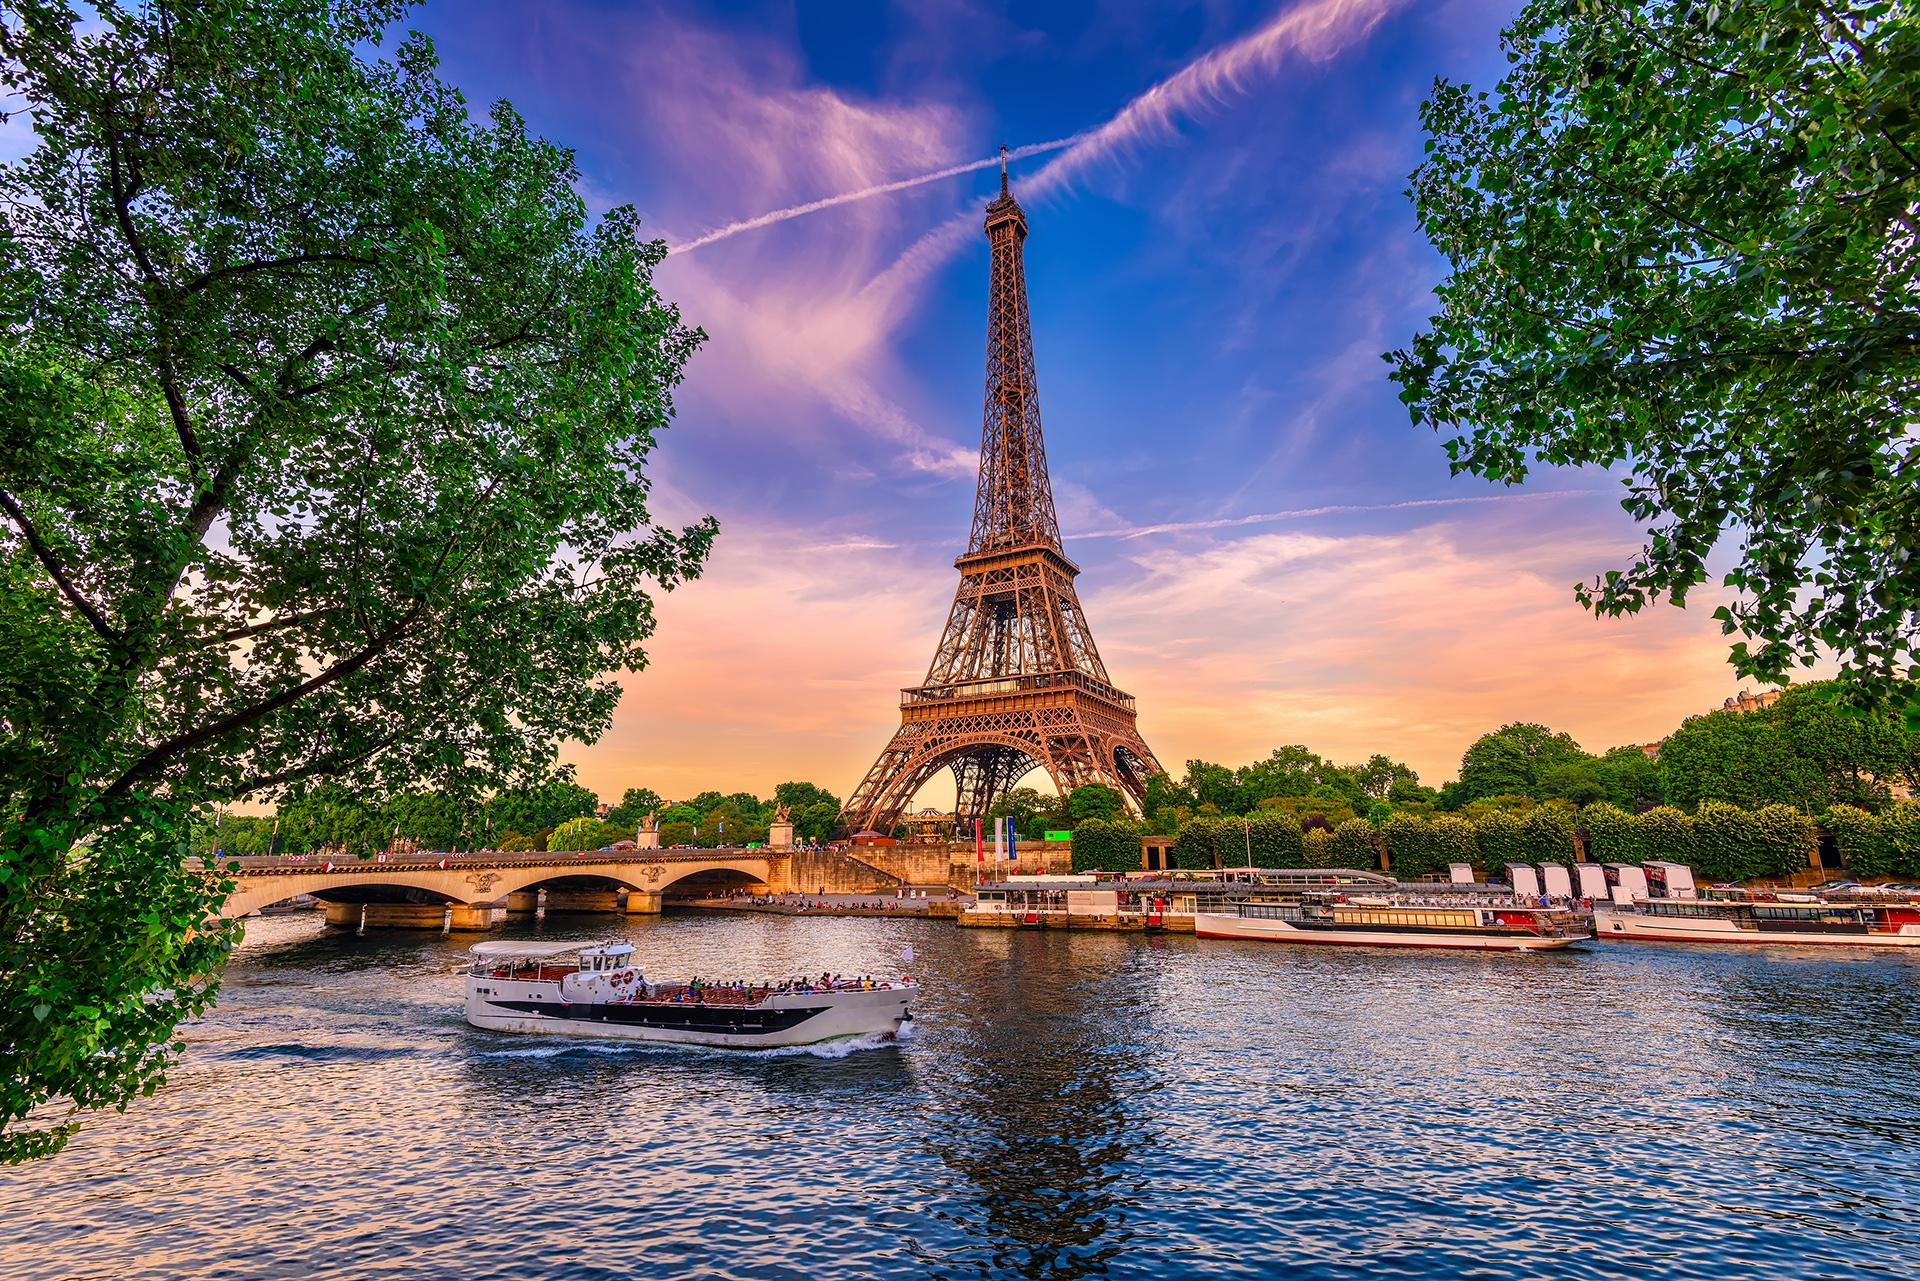 La capital francesa está ubicada en el puesto número 1 del ranking de las ciudades más hermosas del mundo. La Torre Eiffel es una de las principales atracciones turísticas, seguidas por el Arco del Triunfo y también el Museo del Louvre. Se destaca por su excelente gastronomía y sus calles perfectas que se pueden ver desde las alturas